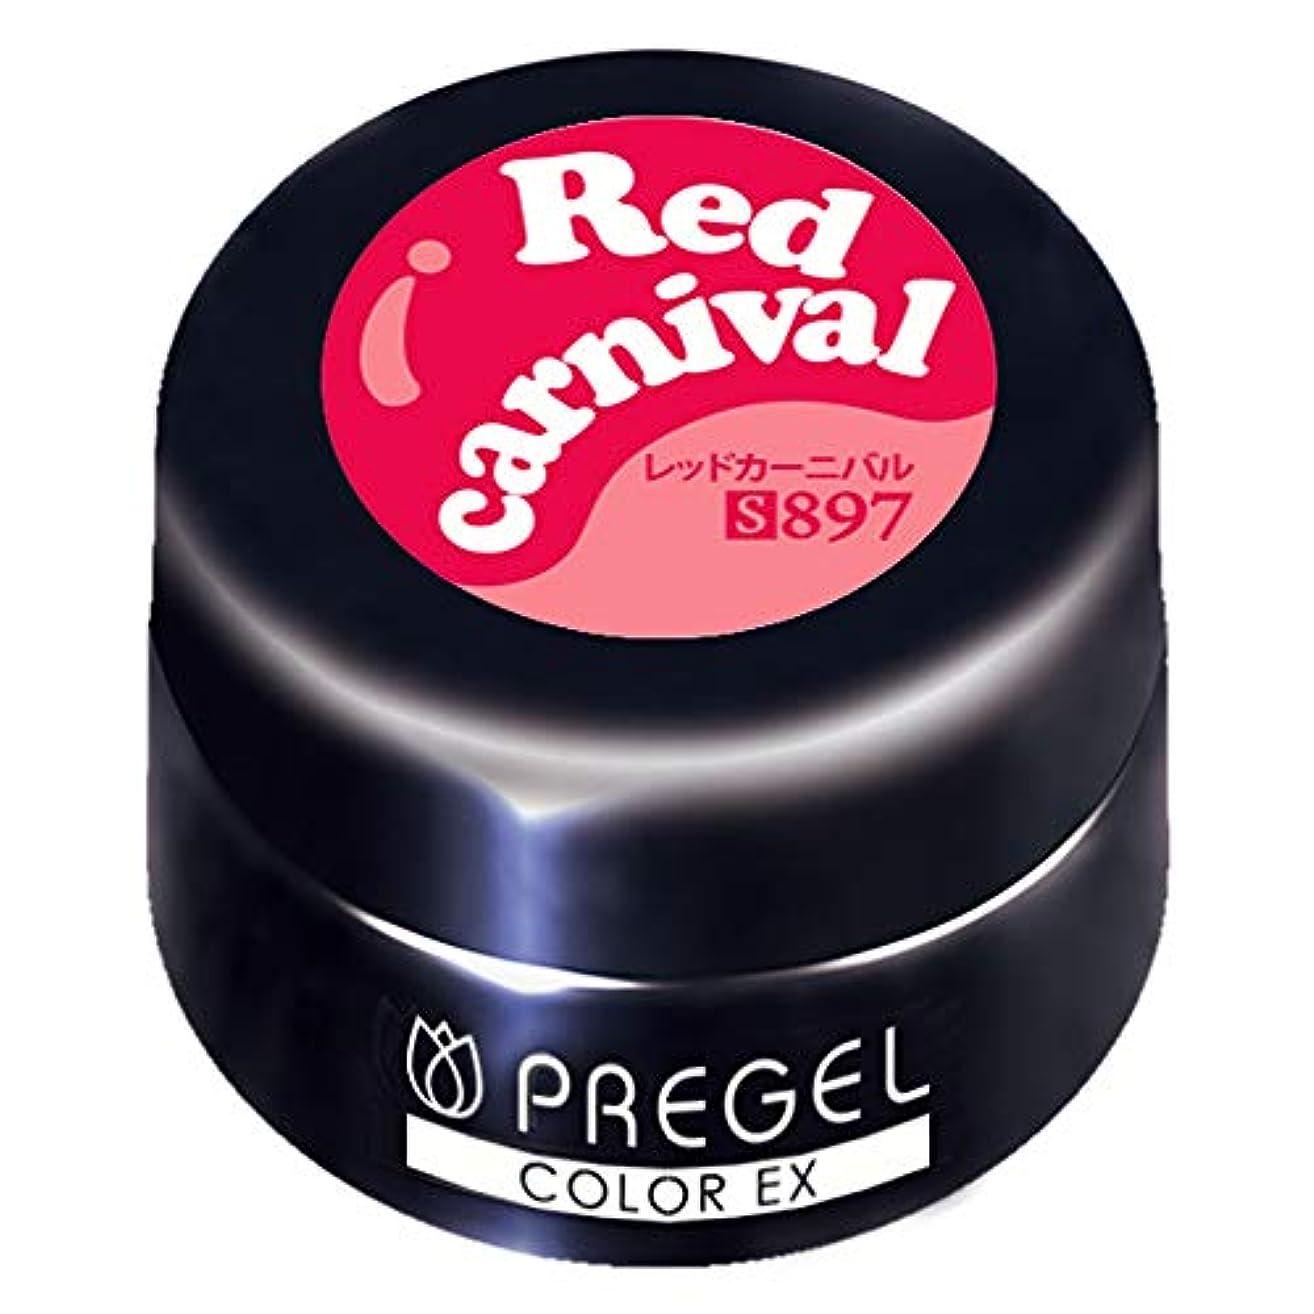 知覚できる慣らす奨励PRE GEL カラーEX レッドカーニバル 3g PG-CE897